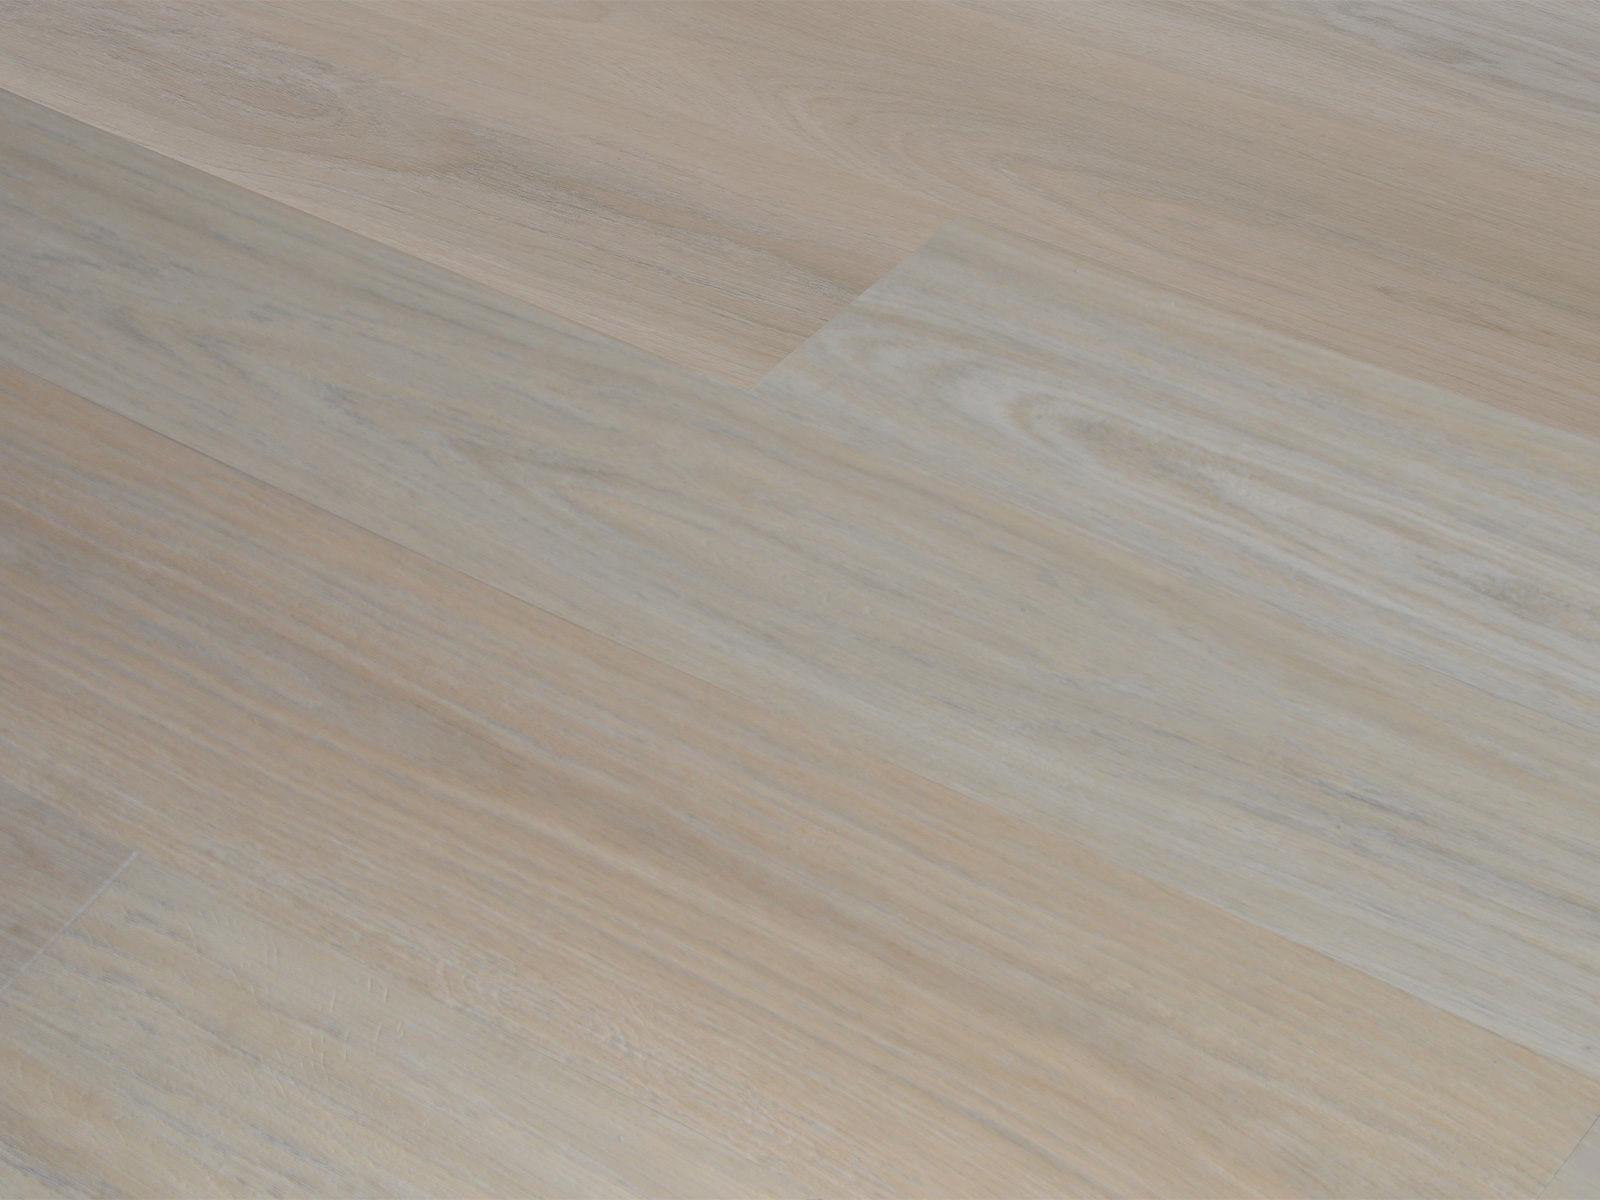 Afbeelding van vloersoort    Eiken 7810